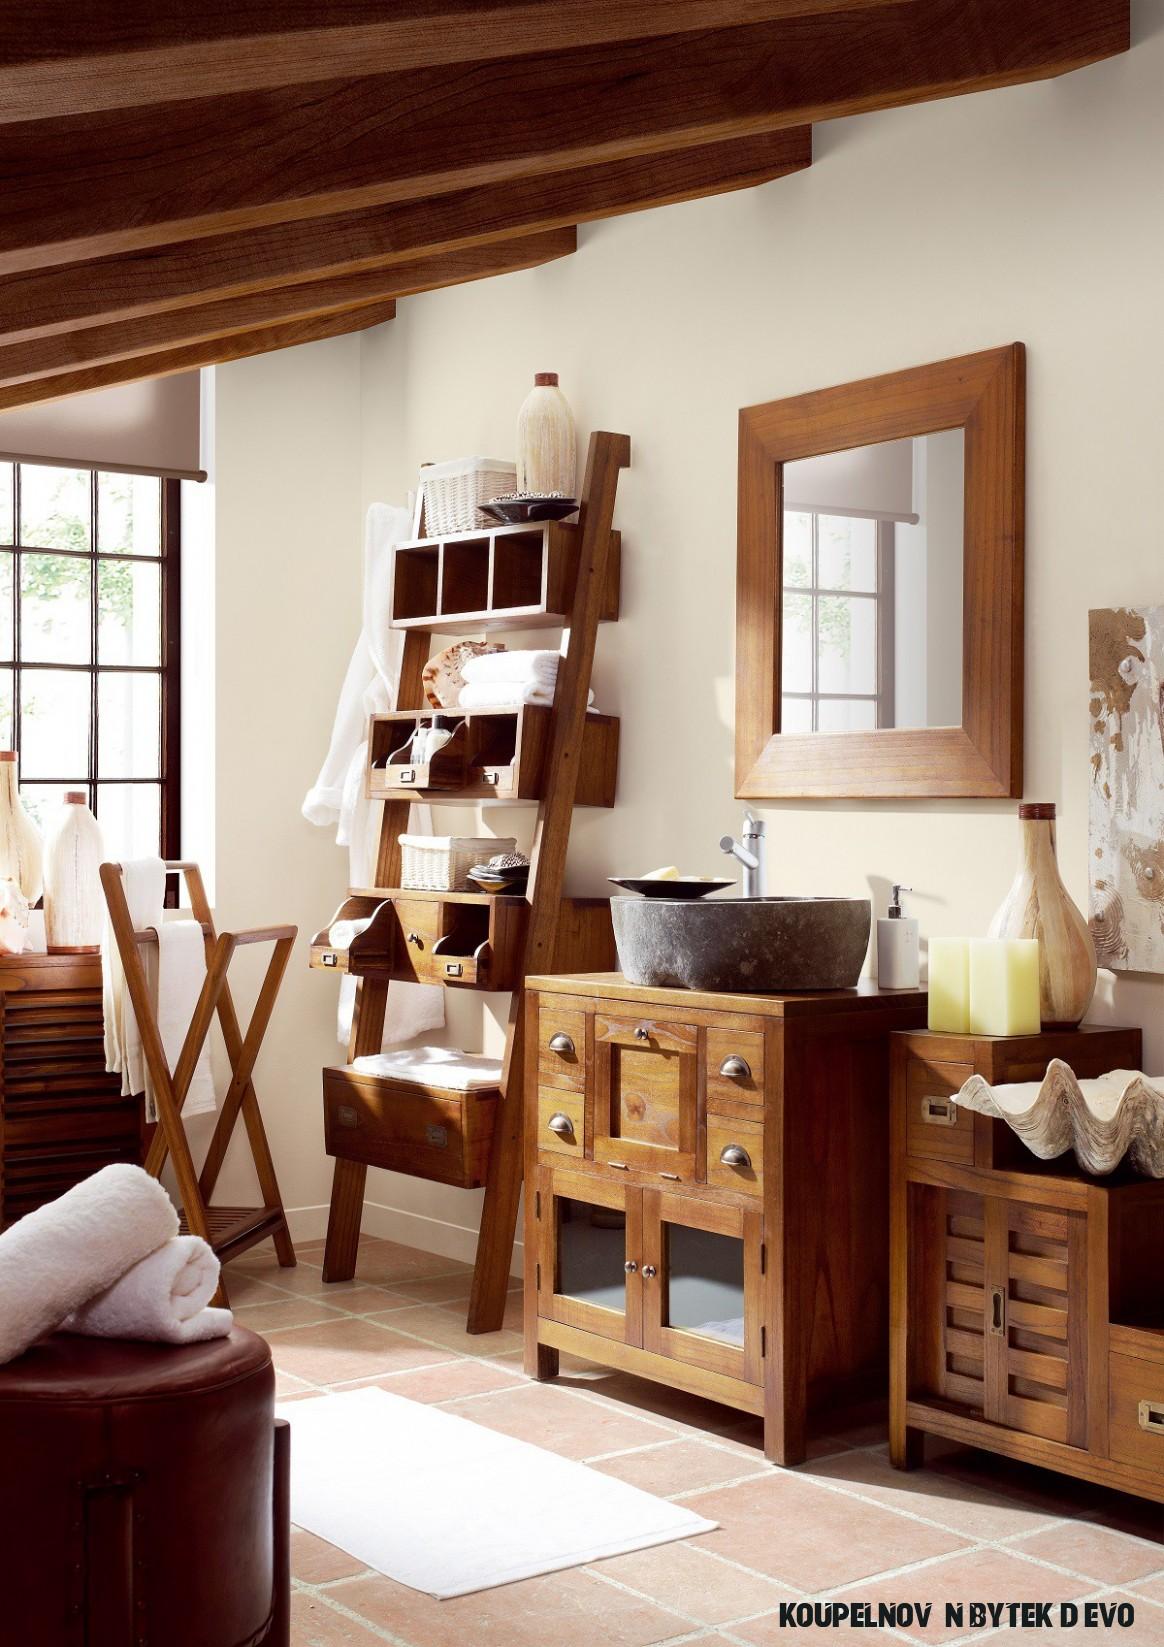 13 Nejlépe Obrázek z Koupelnový Nábytek Dřevo